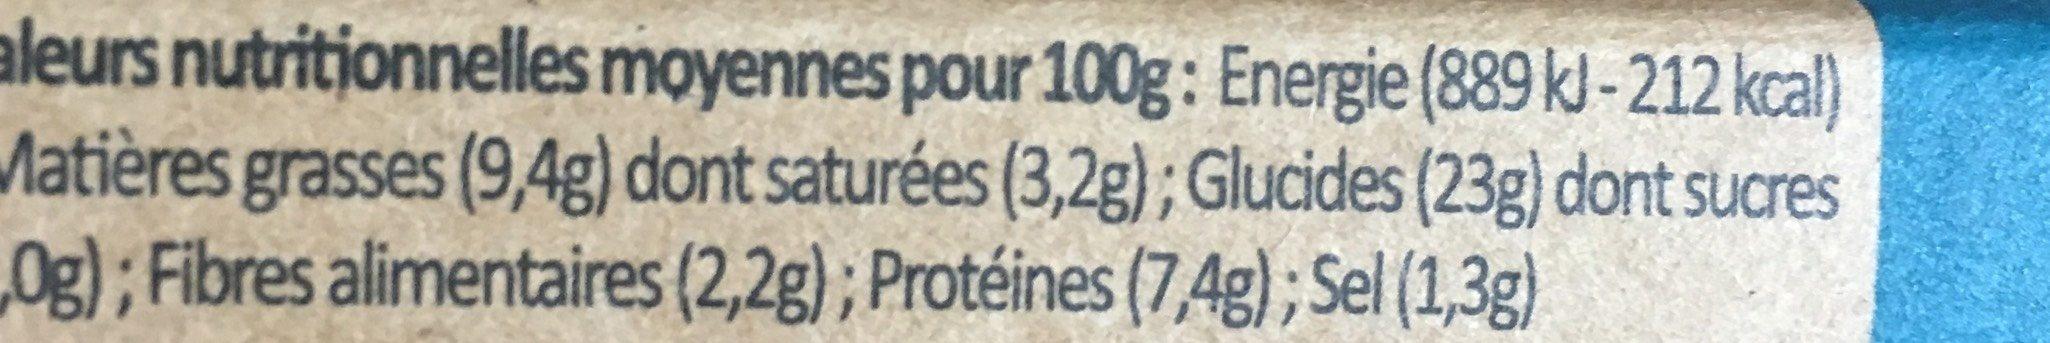 Wrap saumon fumé - Informations nutritionnelles